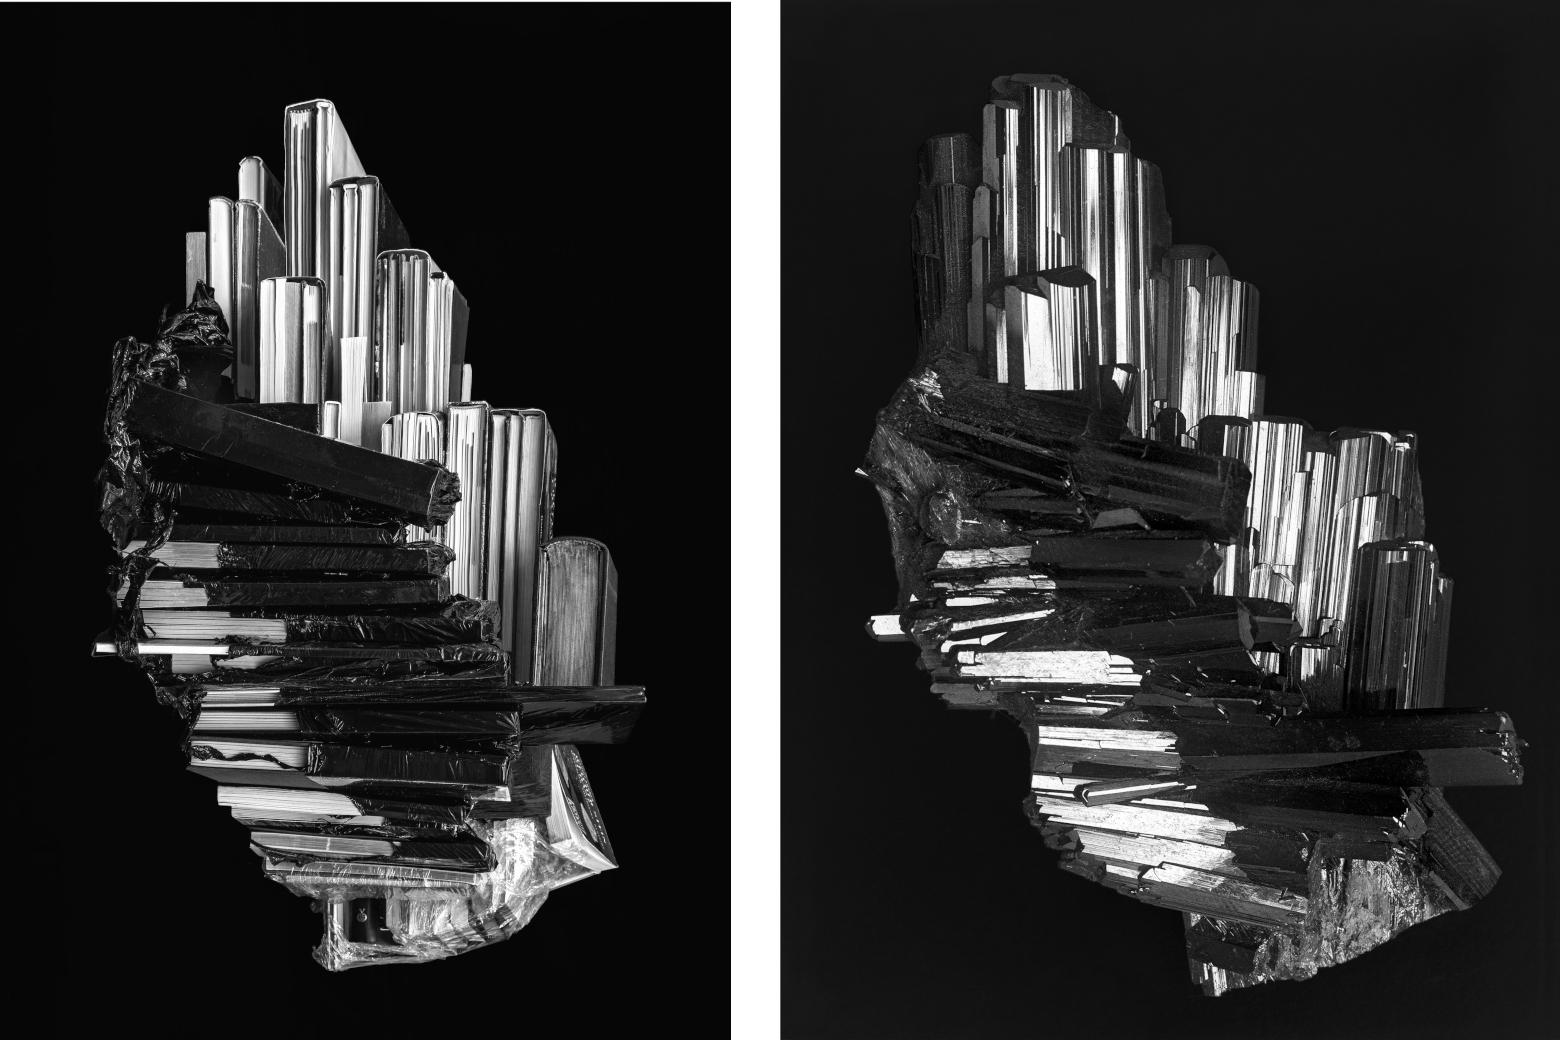 Cristal réel Isabelle Le Minh, Épitrope, after Alfred Ehrhardt, 2019 © Isabelle Le Minh, ADAGP, Paris 2020 / Alfred Ehrhardt, Epidot, Knappenwand, Untersulzbachtal, 1938/1939 © Alfred Ehrhardt Stiftung Perspektive